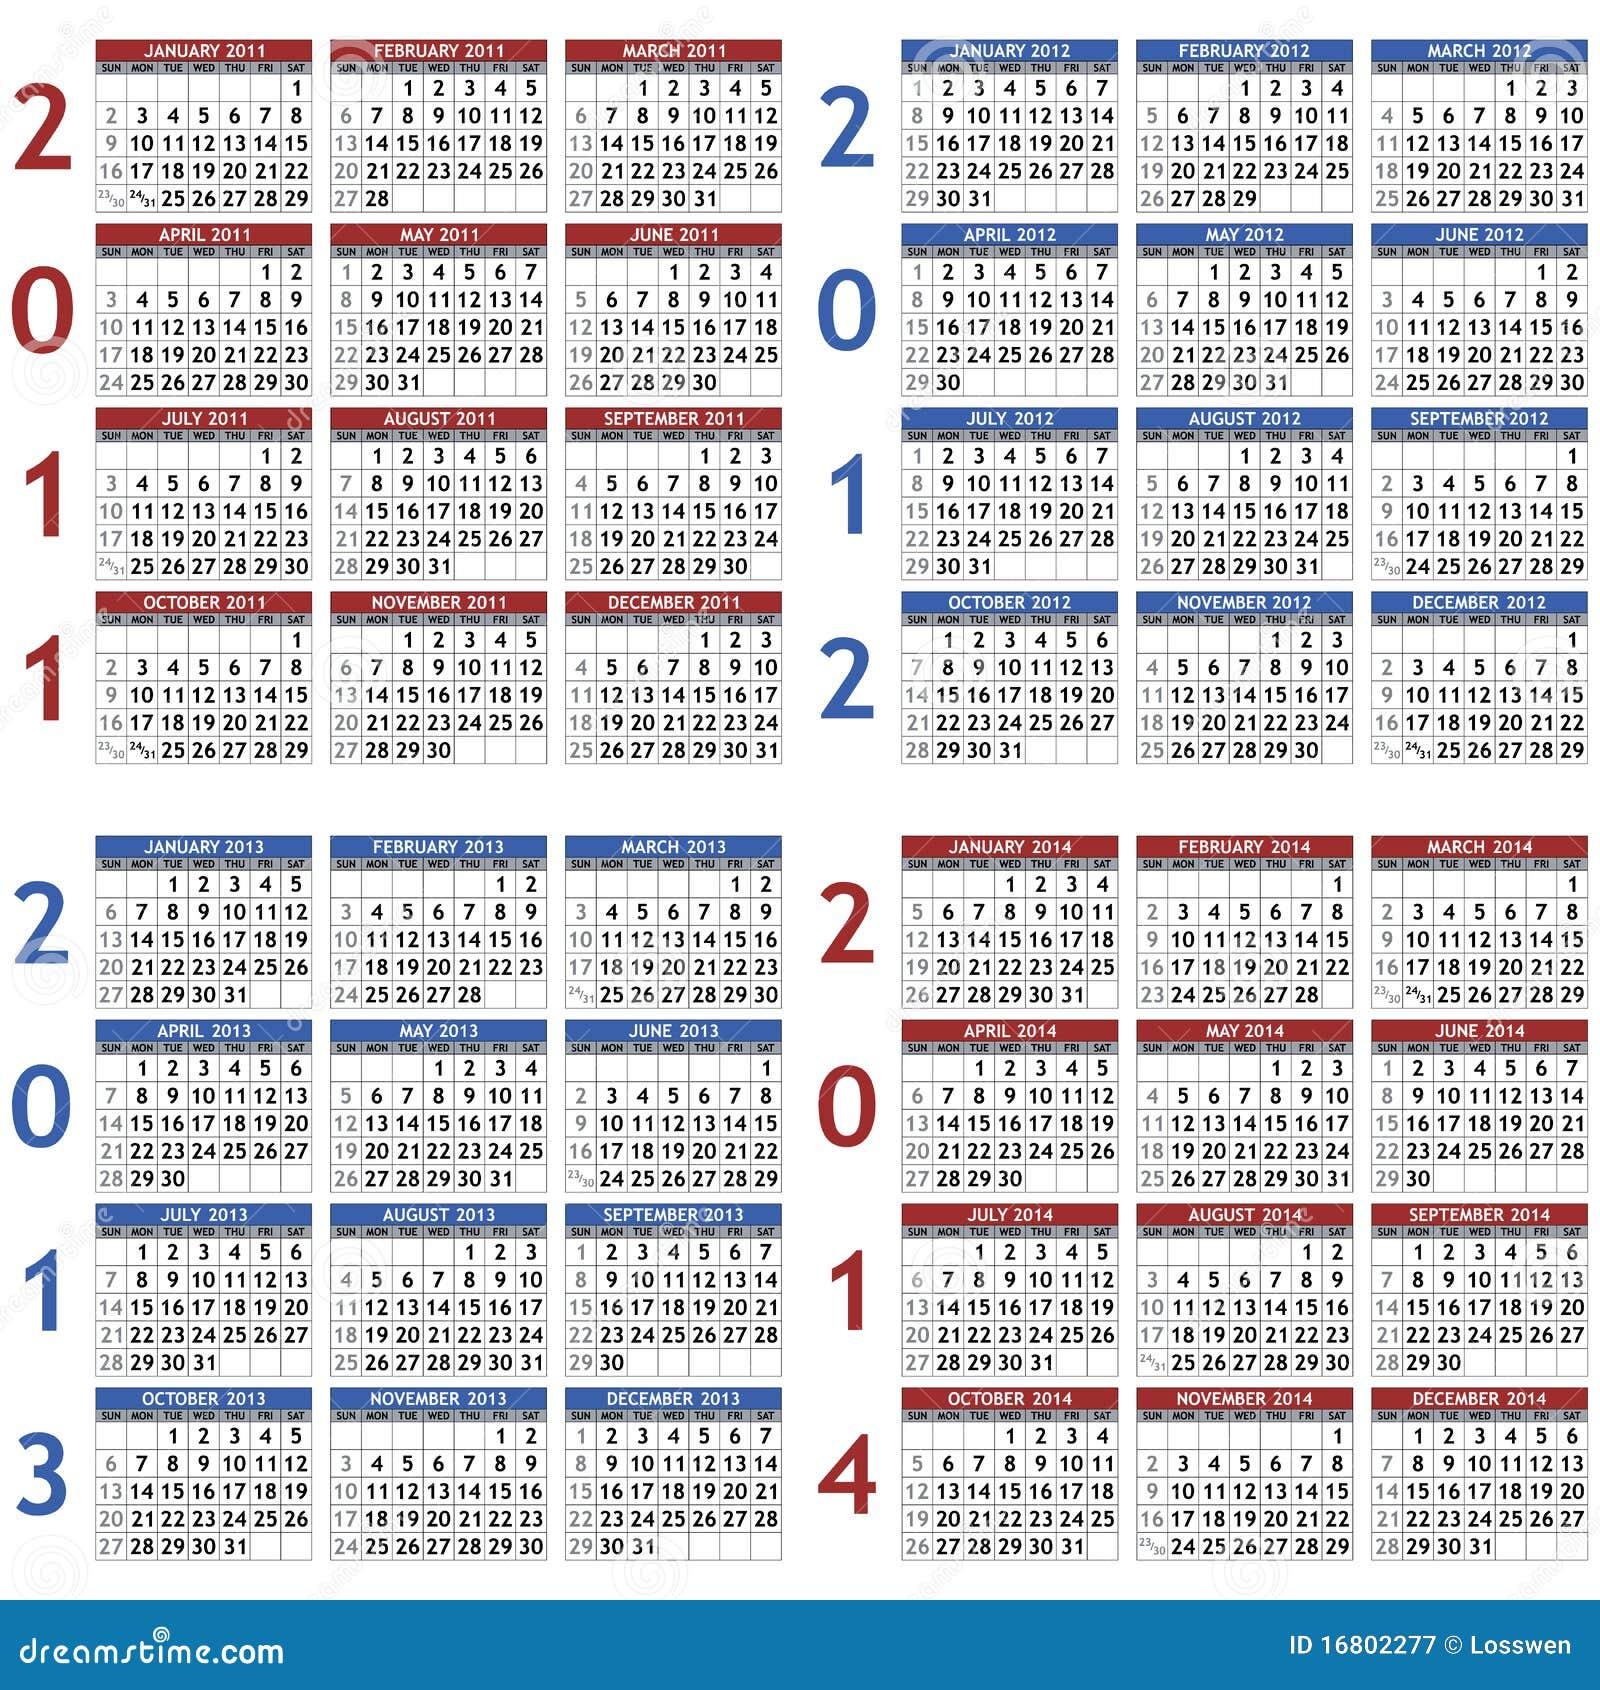 de archivo libre de regalías: Modelos del calendario para 2011 - 2014